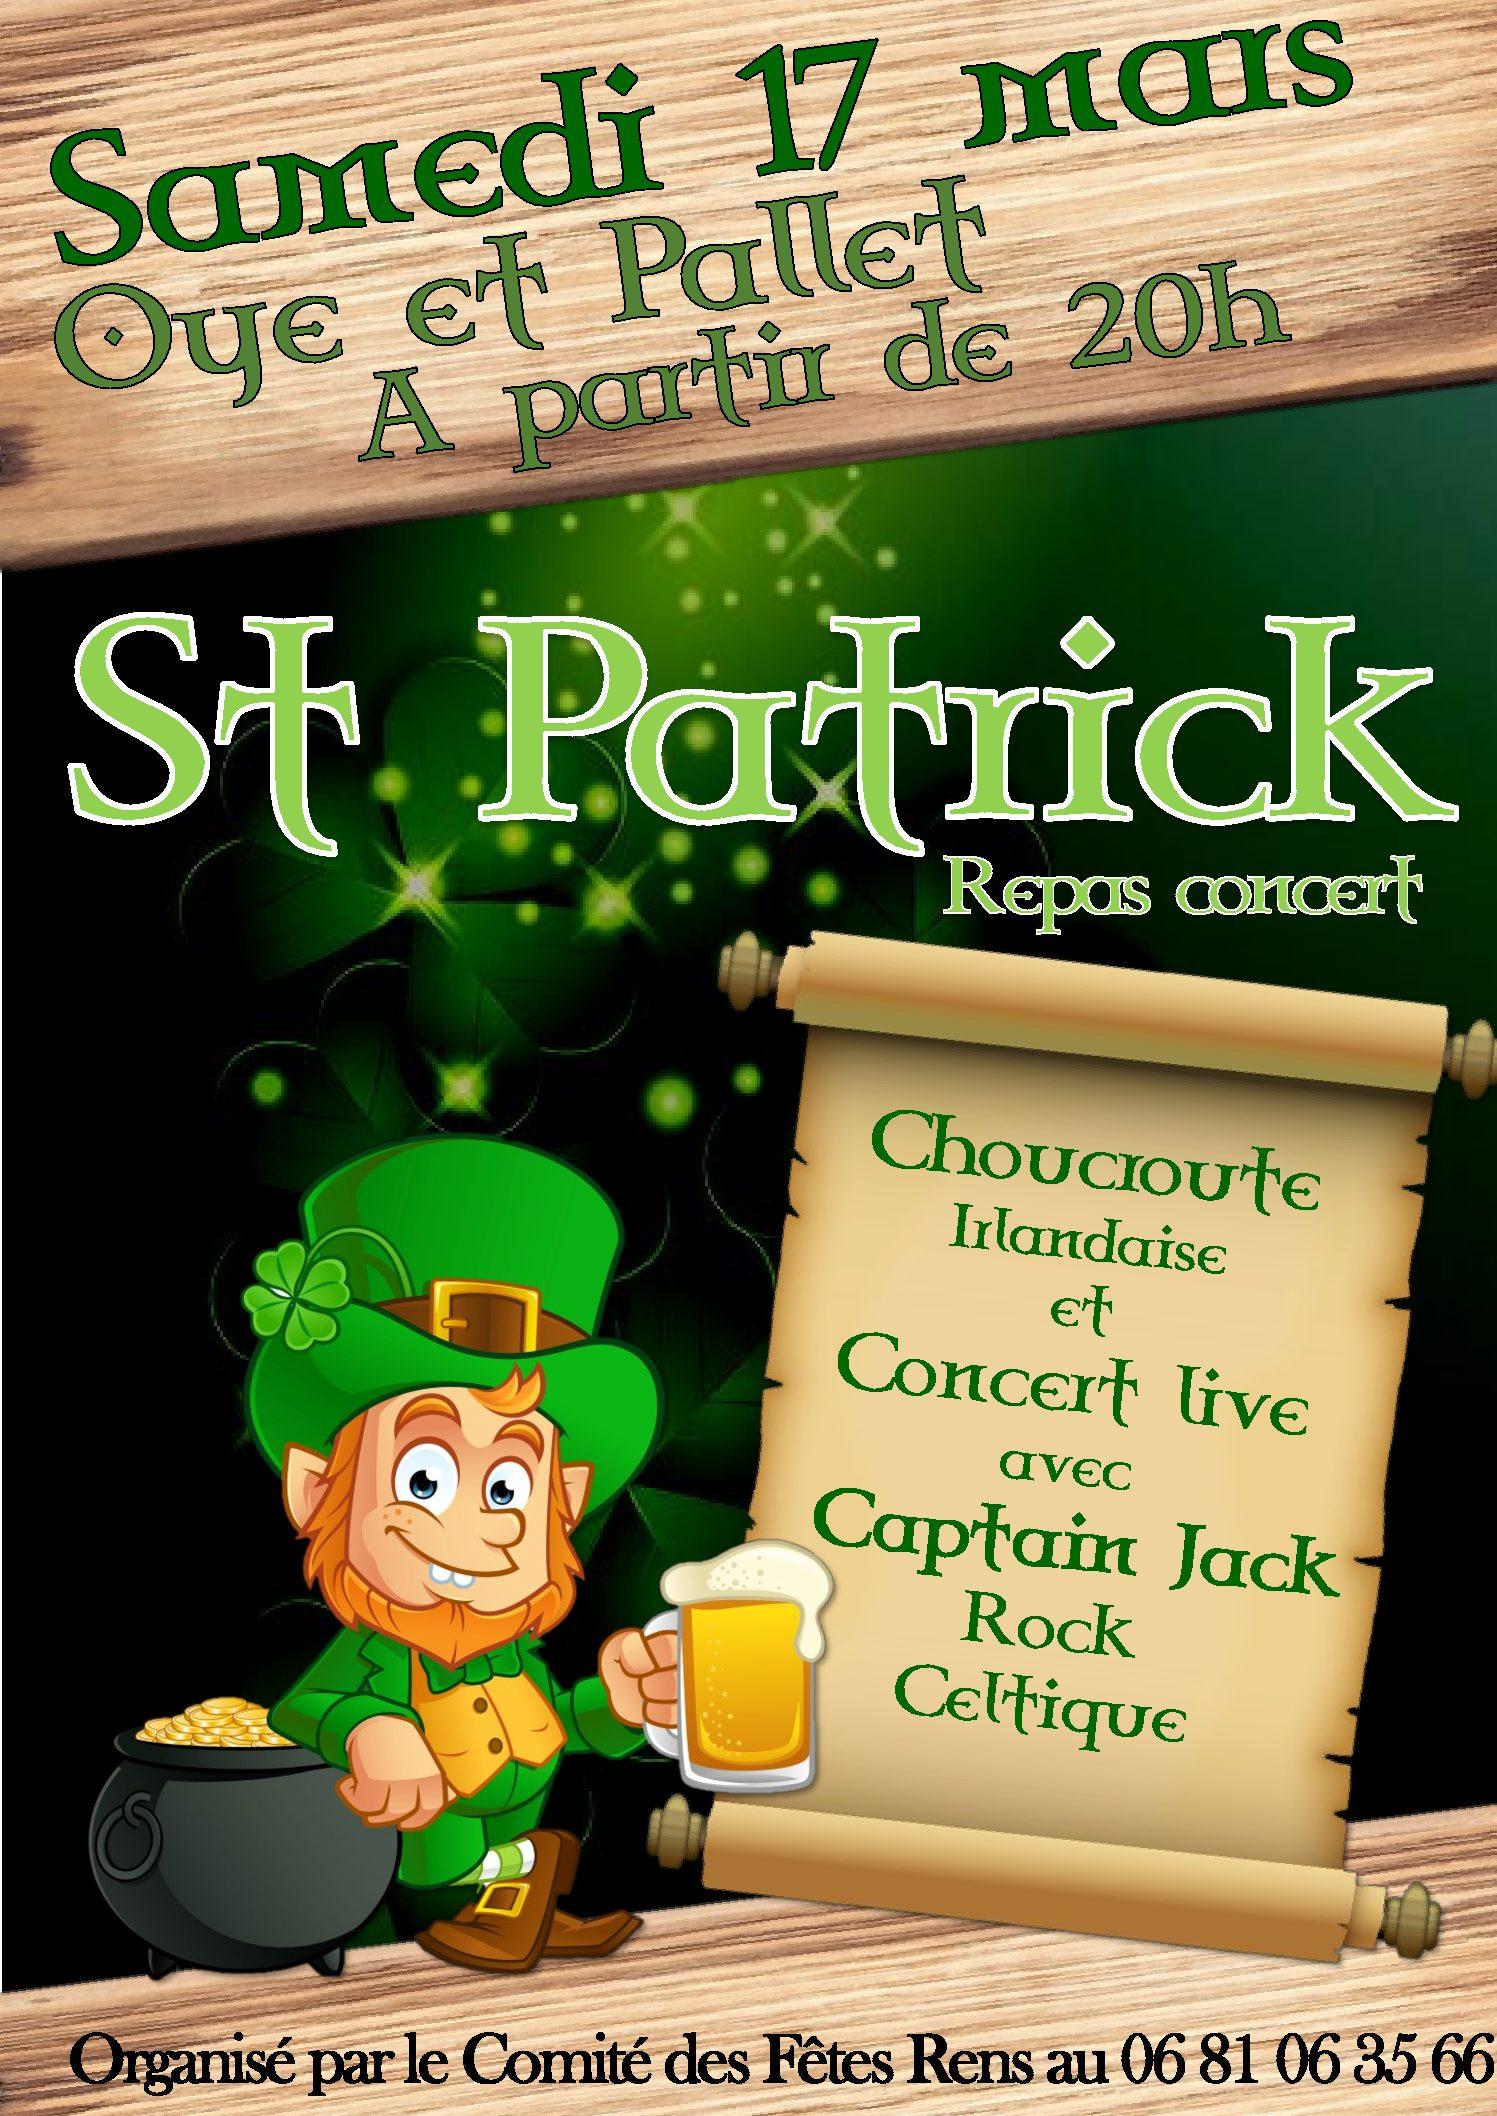 Repas Concert St-Patrick à partir de 20h00